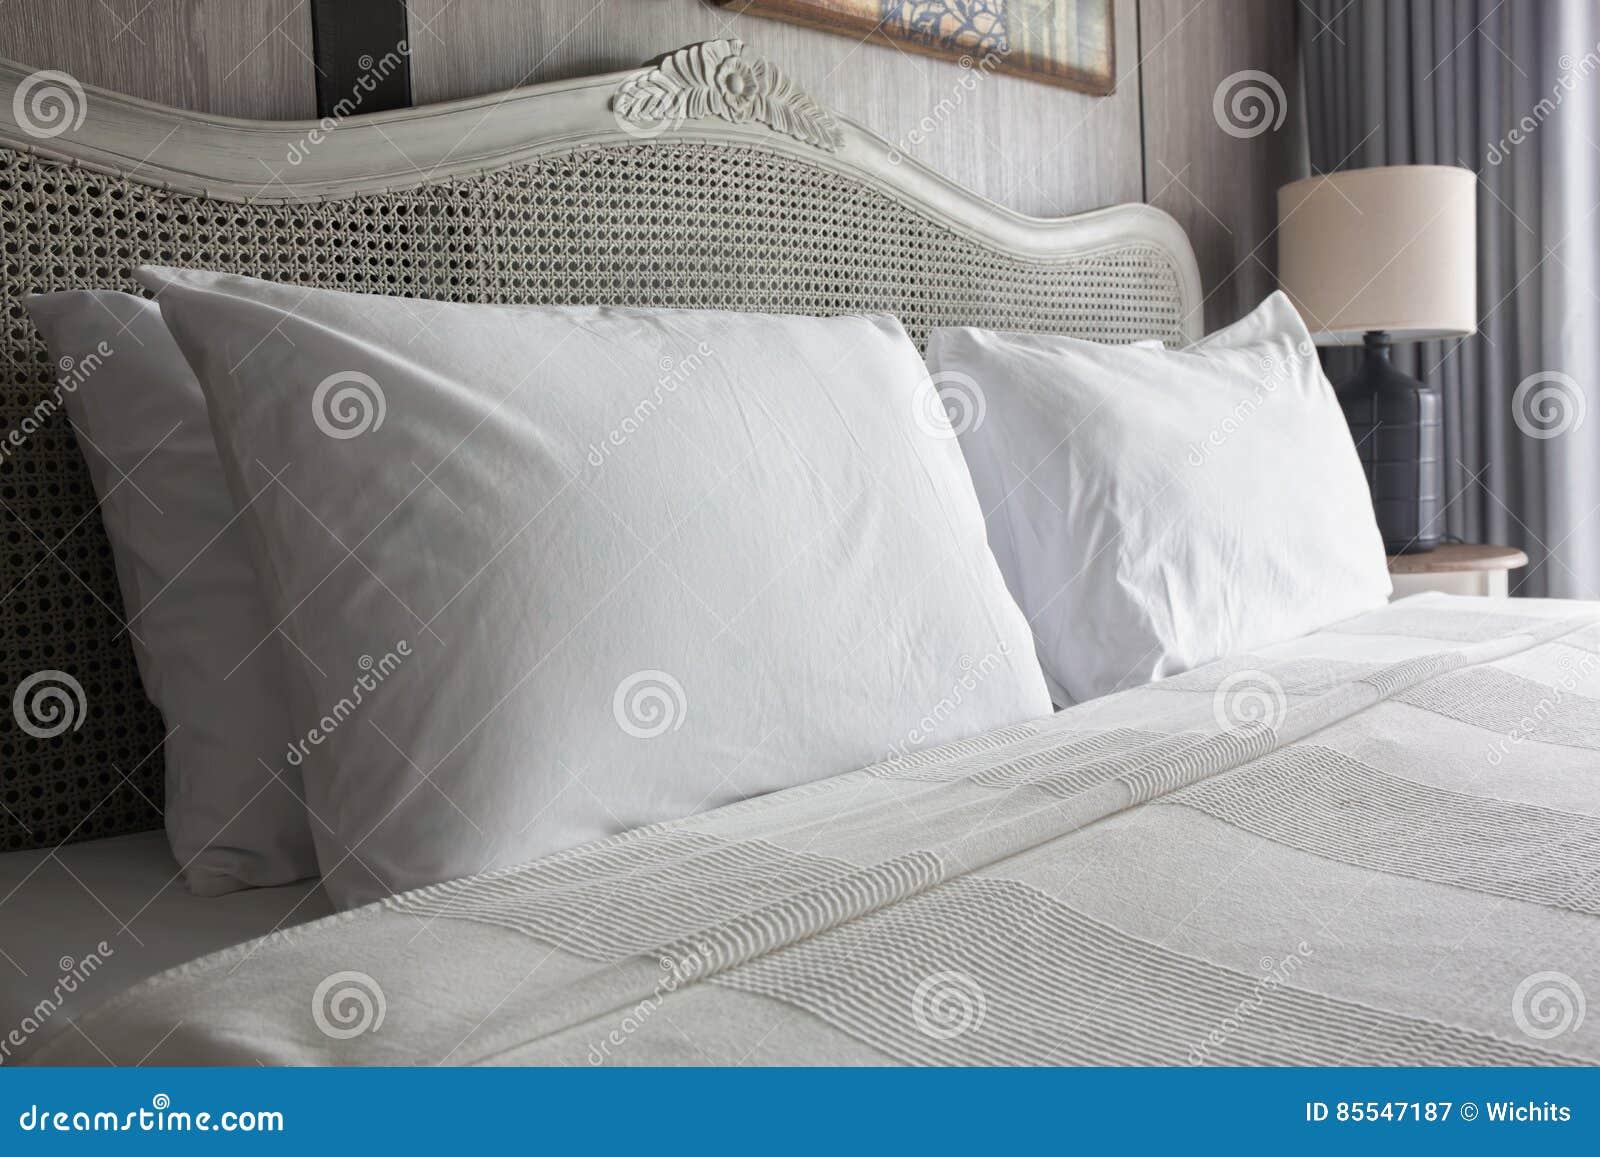 Big white pillows